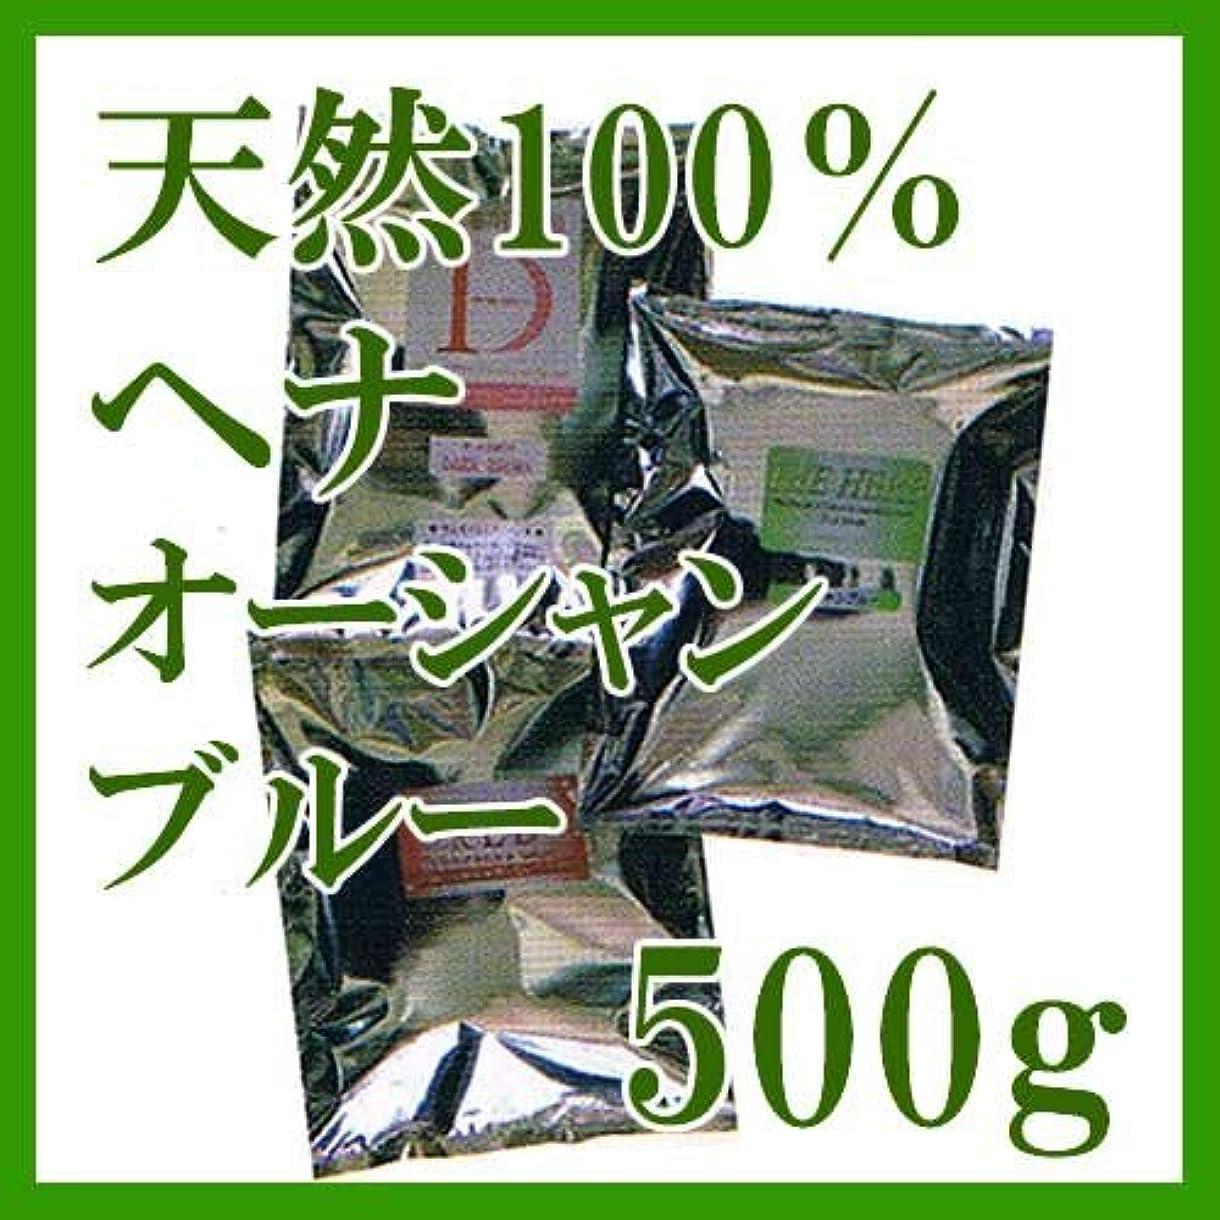 ネックレス進化する食欲ヘナ インターナショナル 天然100%ヘナ オーシャンブルー 500g